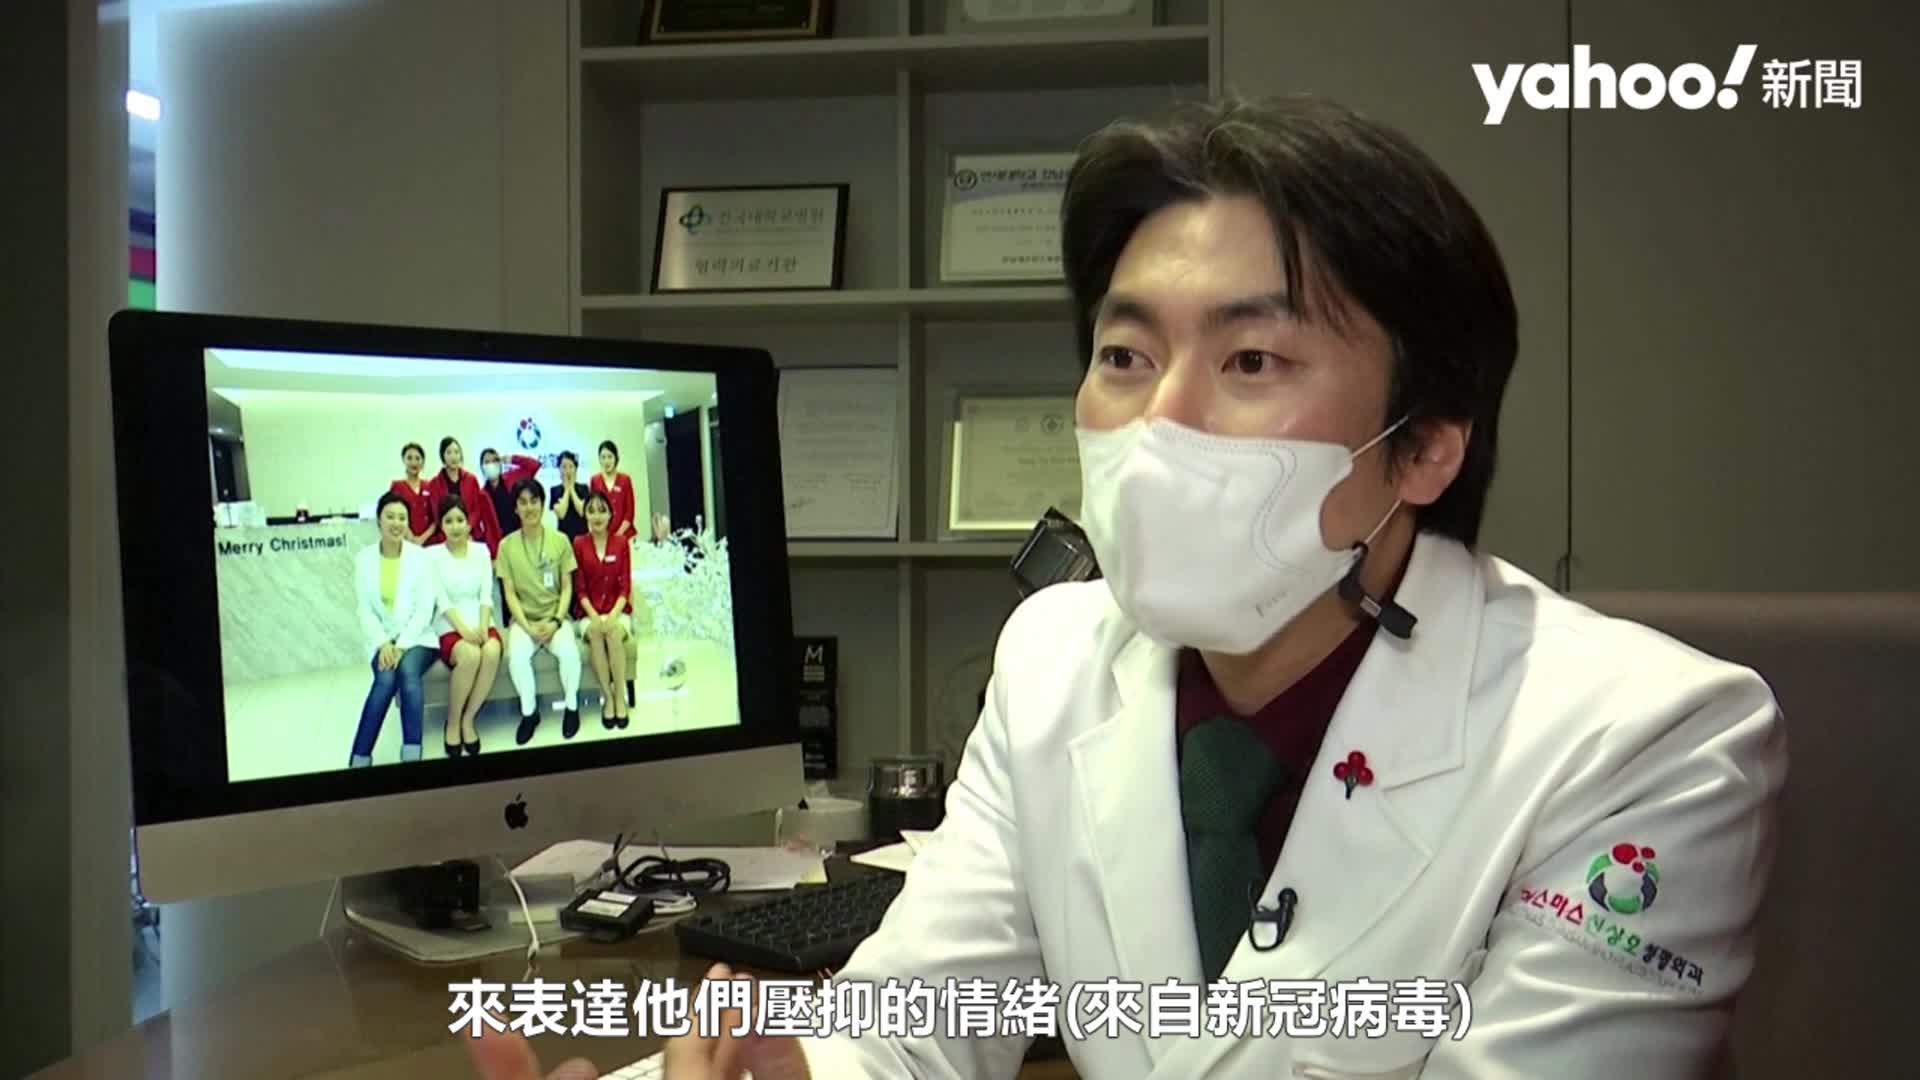 疫苗來了!怕脫口罩急整形 南韓民眾領政府紓困金「動刀」